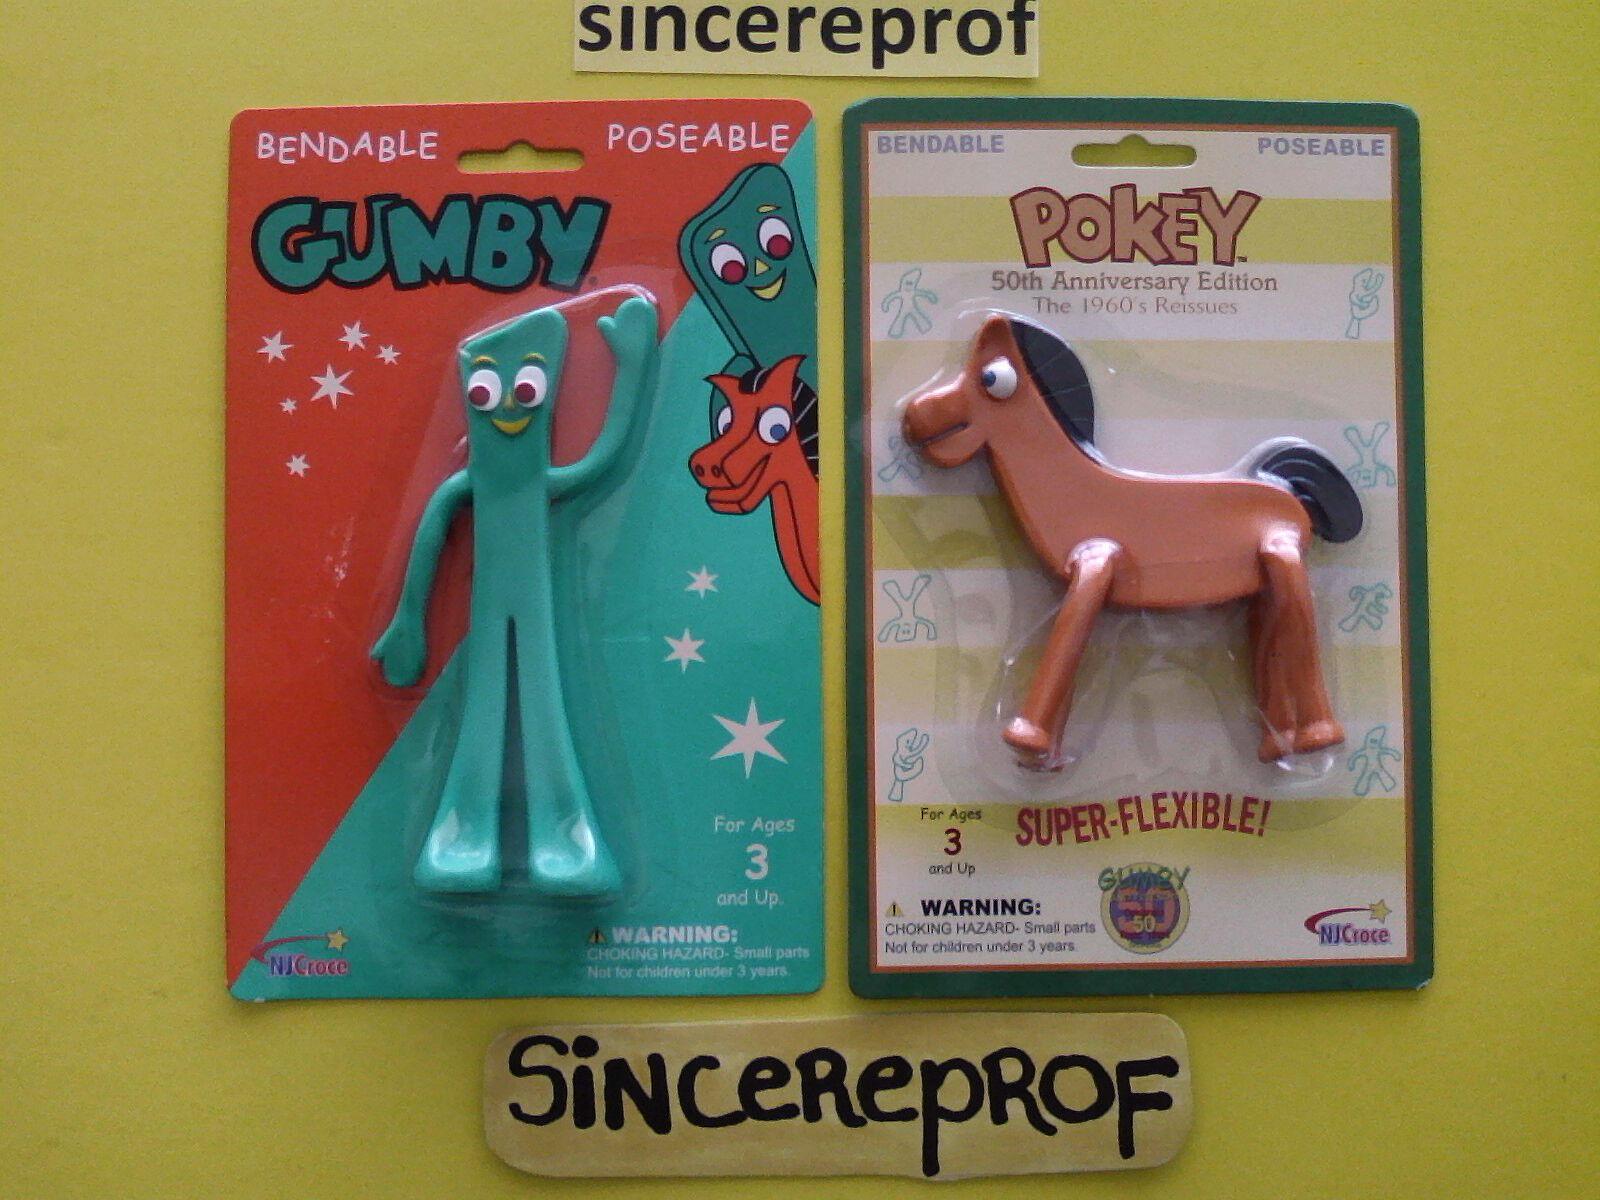 Gumby Pokey juguetes nuevos Antigua Coleccionable Para Niños Niño Niña Niña Niña Cumpleaños Regalo Bonito   Venta barata